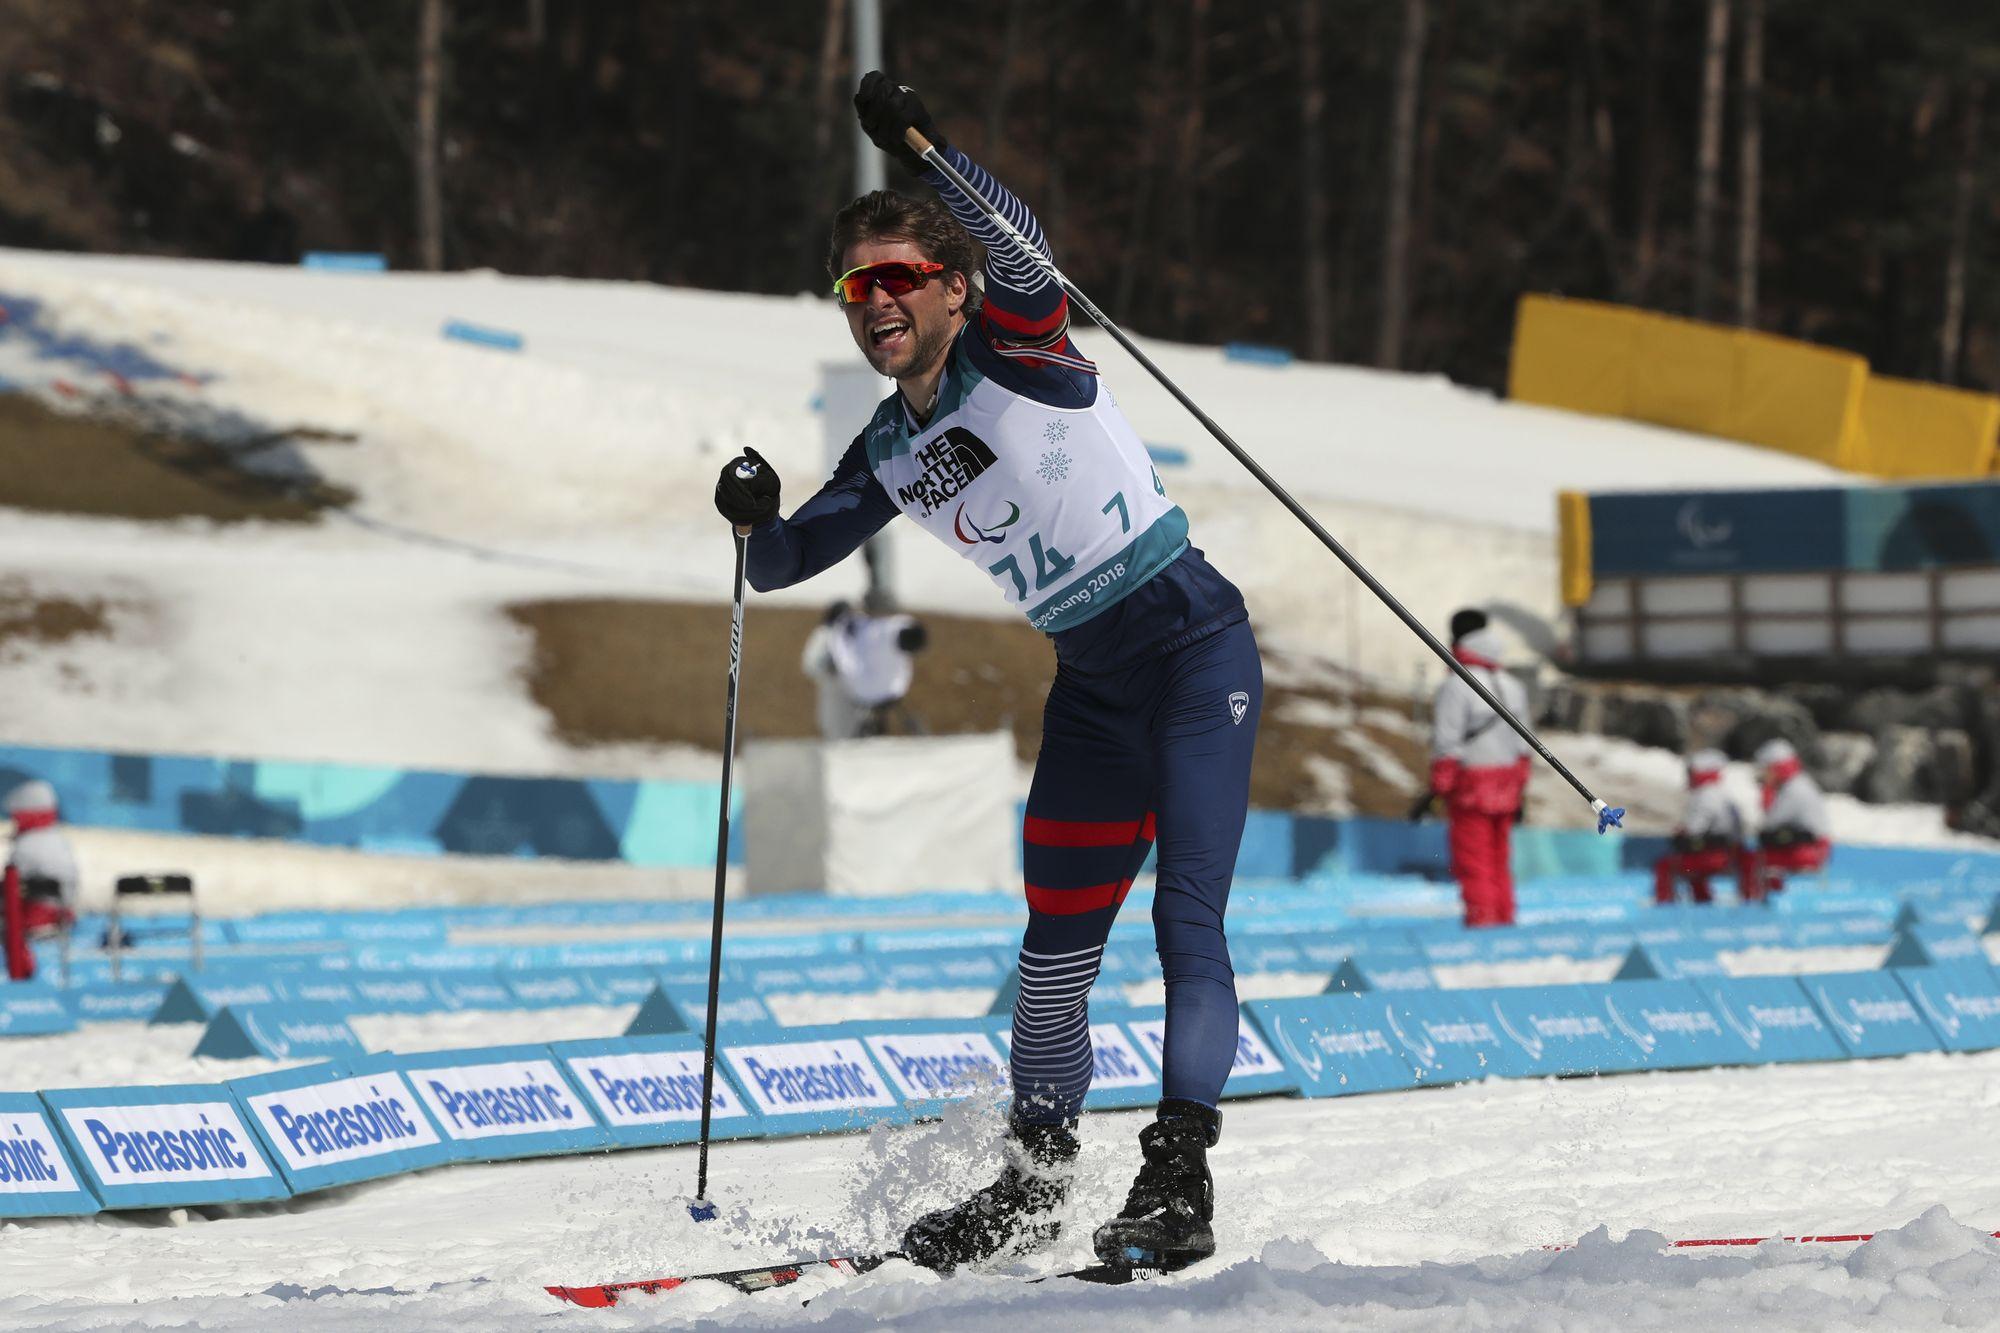 Jeux olympiques - Pyeongchang 2018 - Jeux paralympiques : la belle moisson bleue